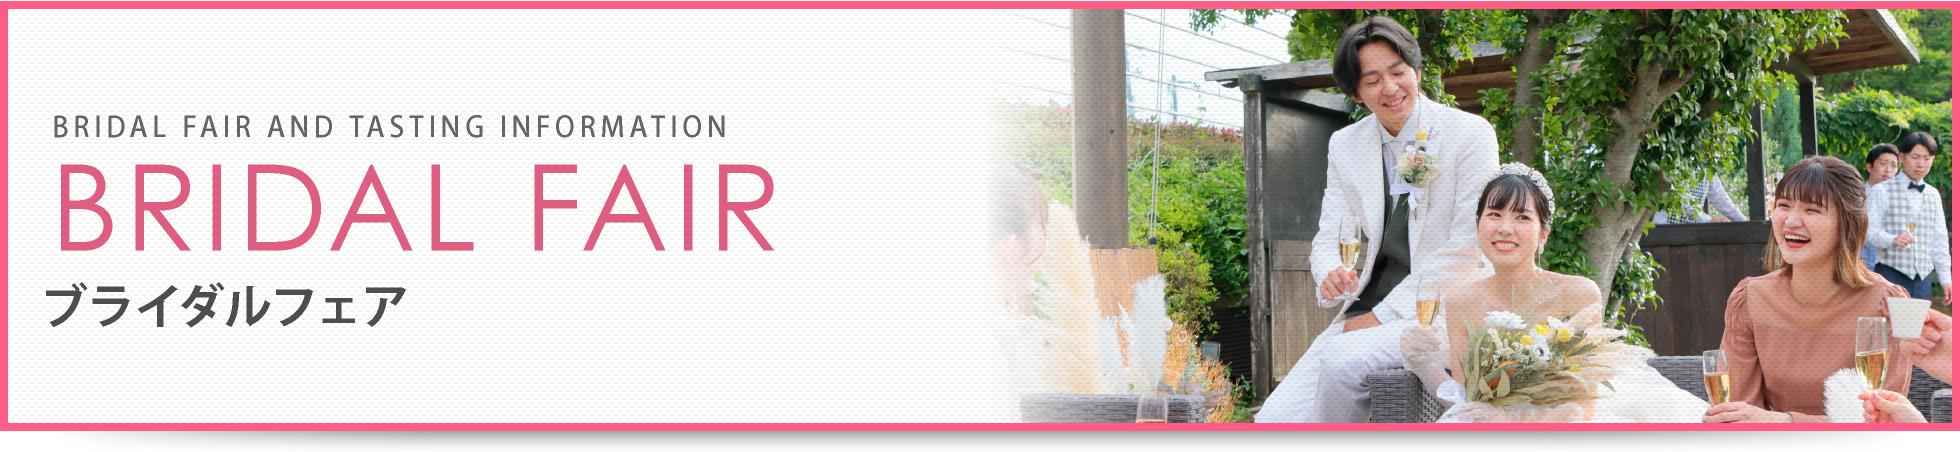 ブライダルフェア 長崎の結婚式場|パークベルズ大村